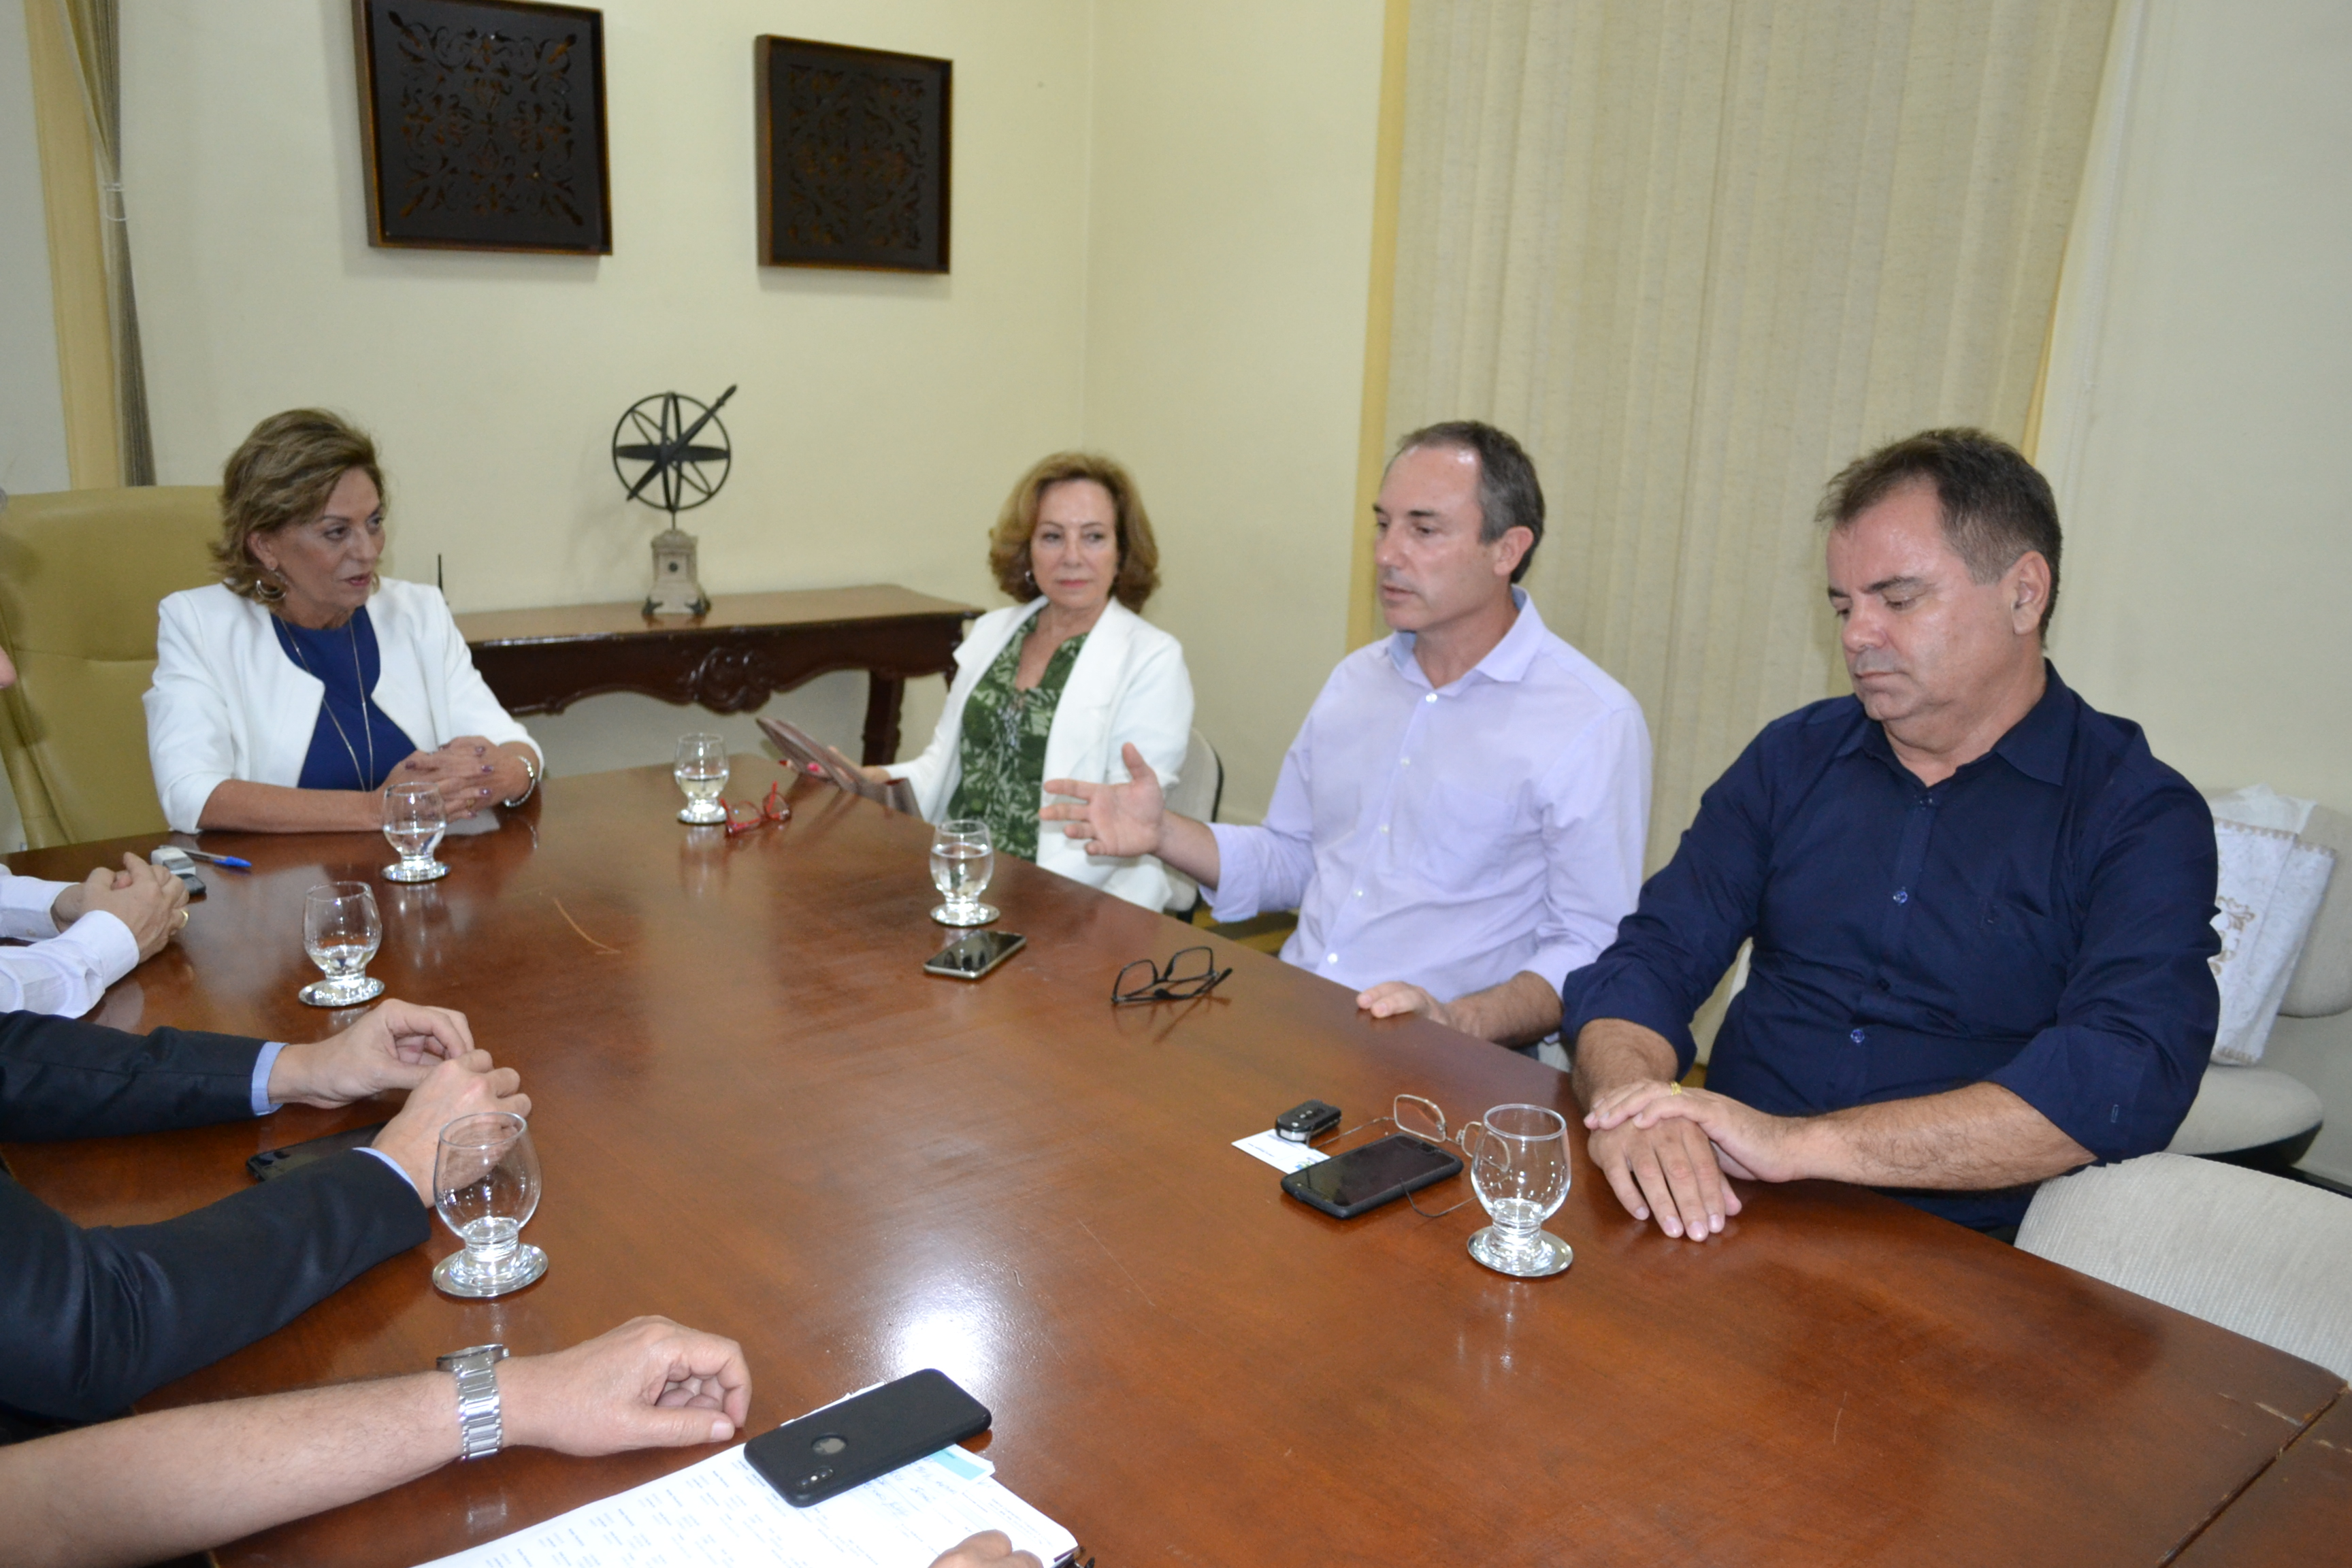 Itagres confirma reabertura da fábrica em Mossoró e investimento de R$ 13 milhões